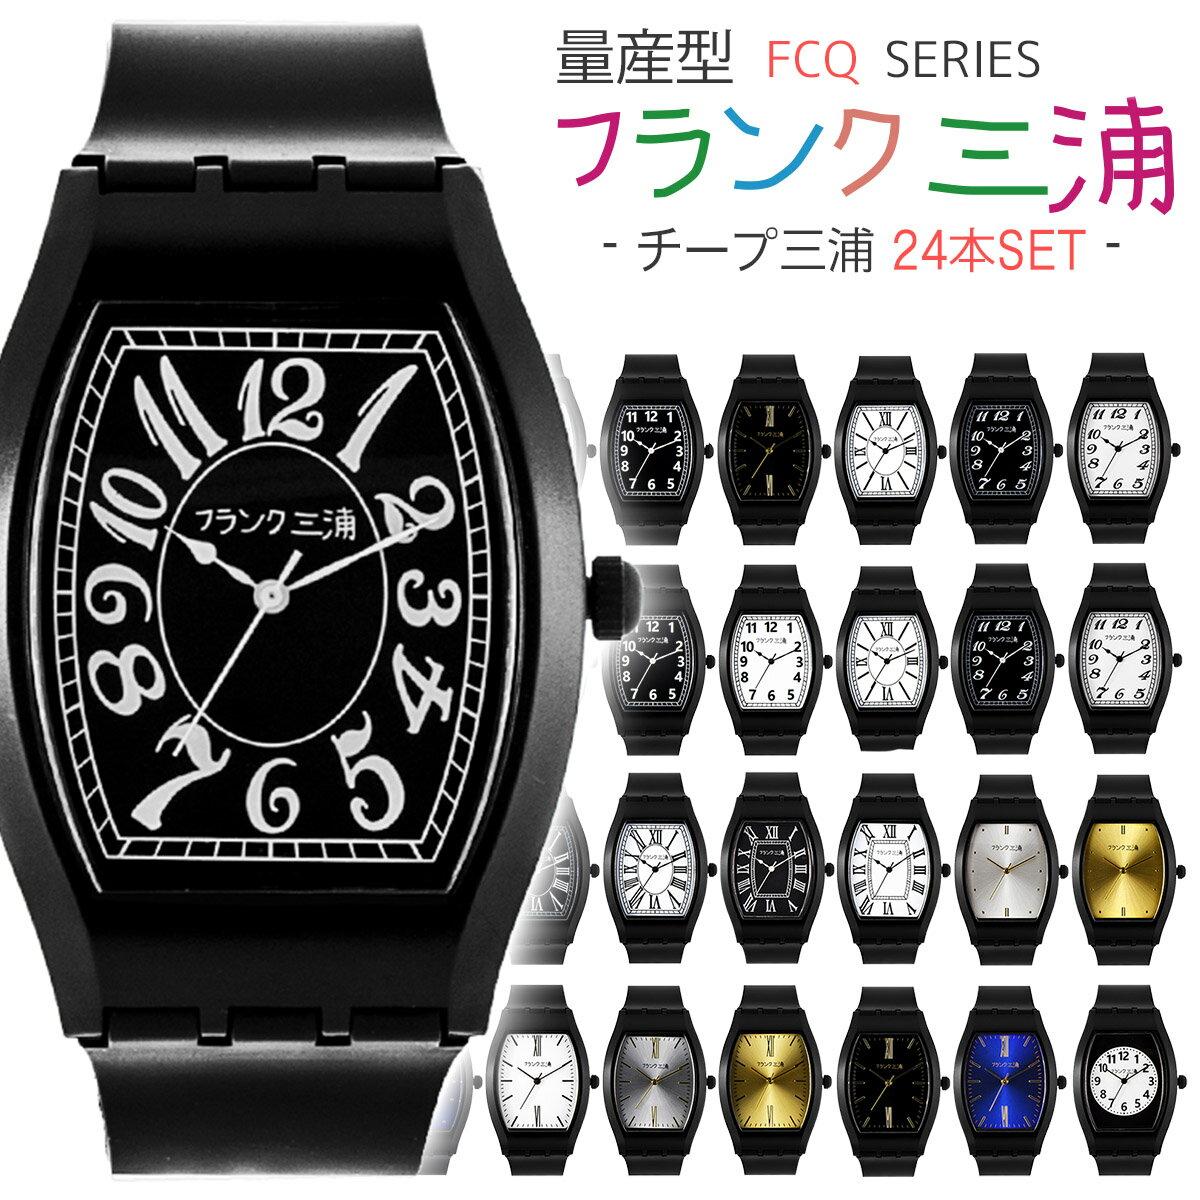 【24本セット】量産型フランク三浦 腕時計 誕生日プレゼント 贈り物 トノー型 チープ三浦 チープミウラ